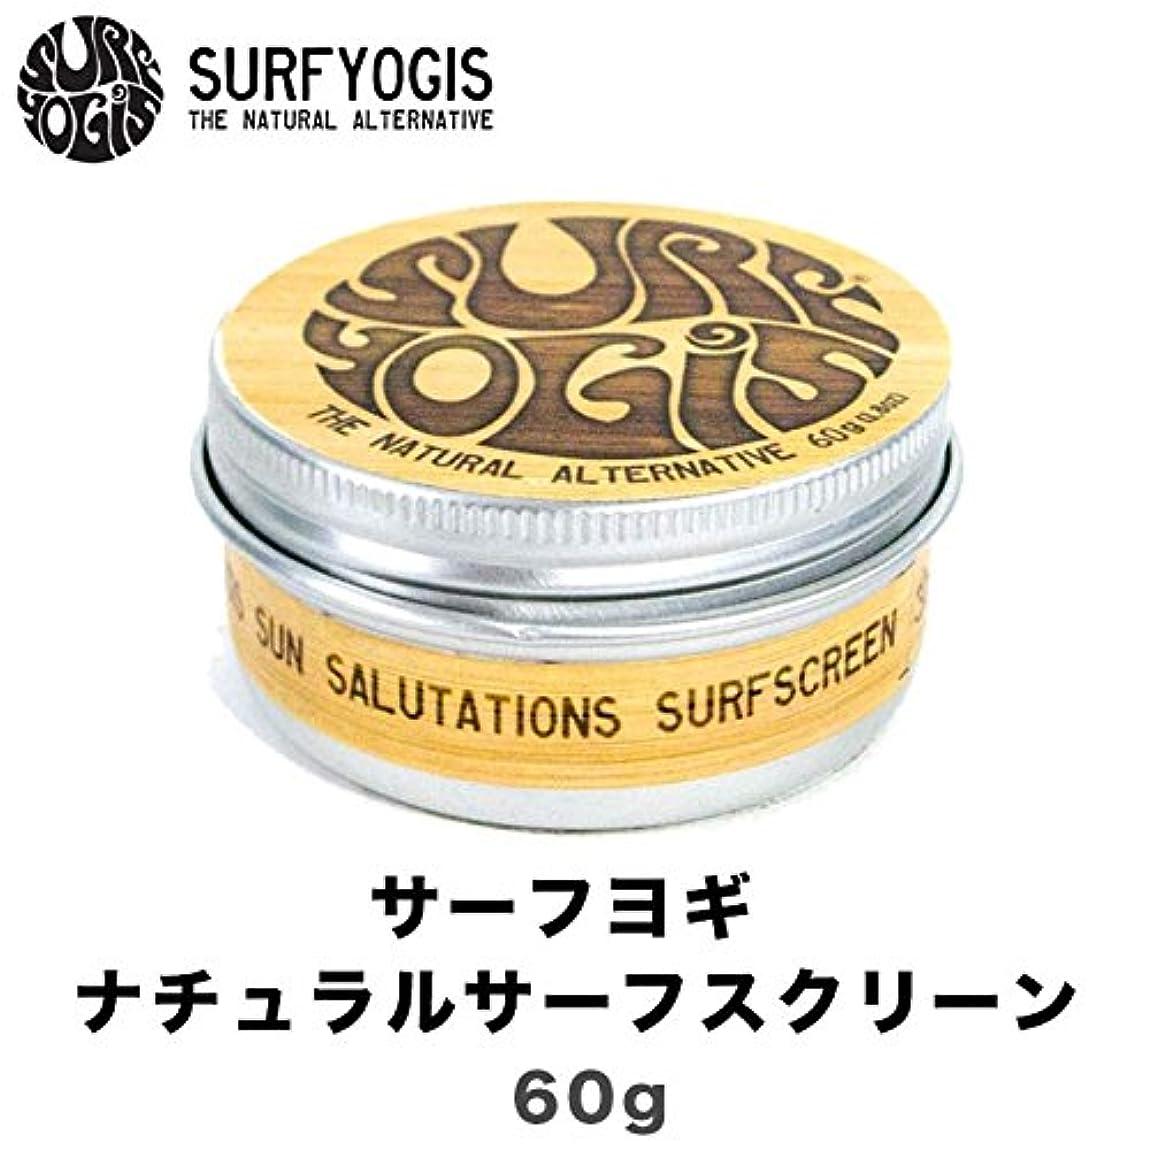 原子炉中庭デッキSURF YOGIS(サーフヨギ サンクリーン) 日焼け止め 100%オーガニック素材 60g SPF50 ノンケミカル